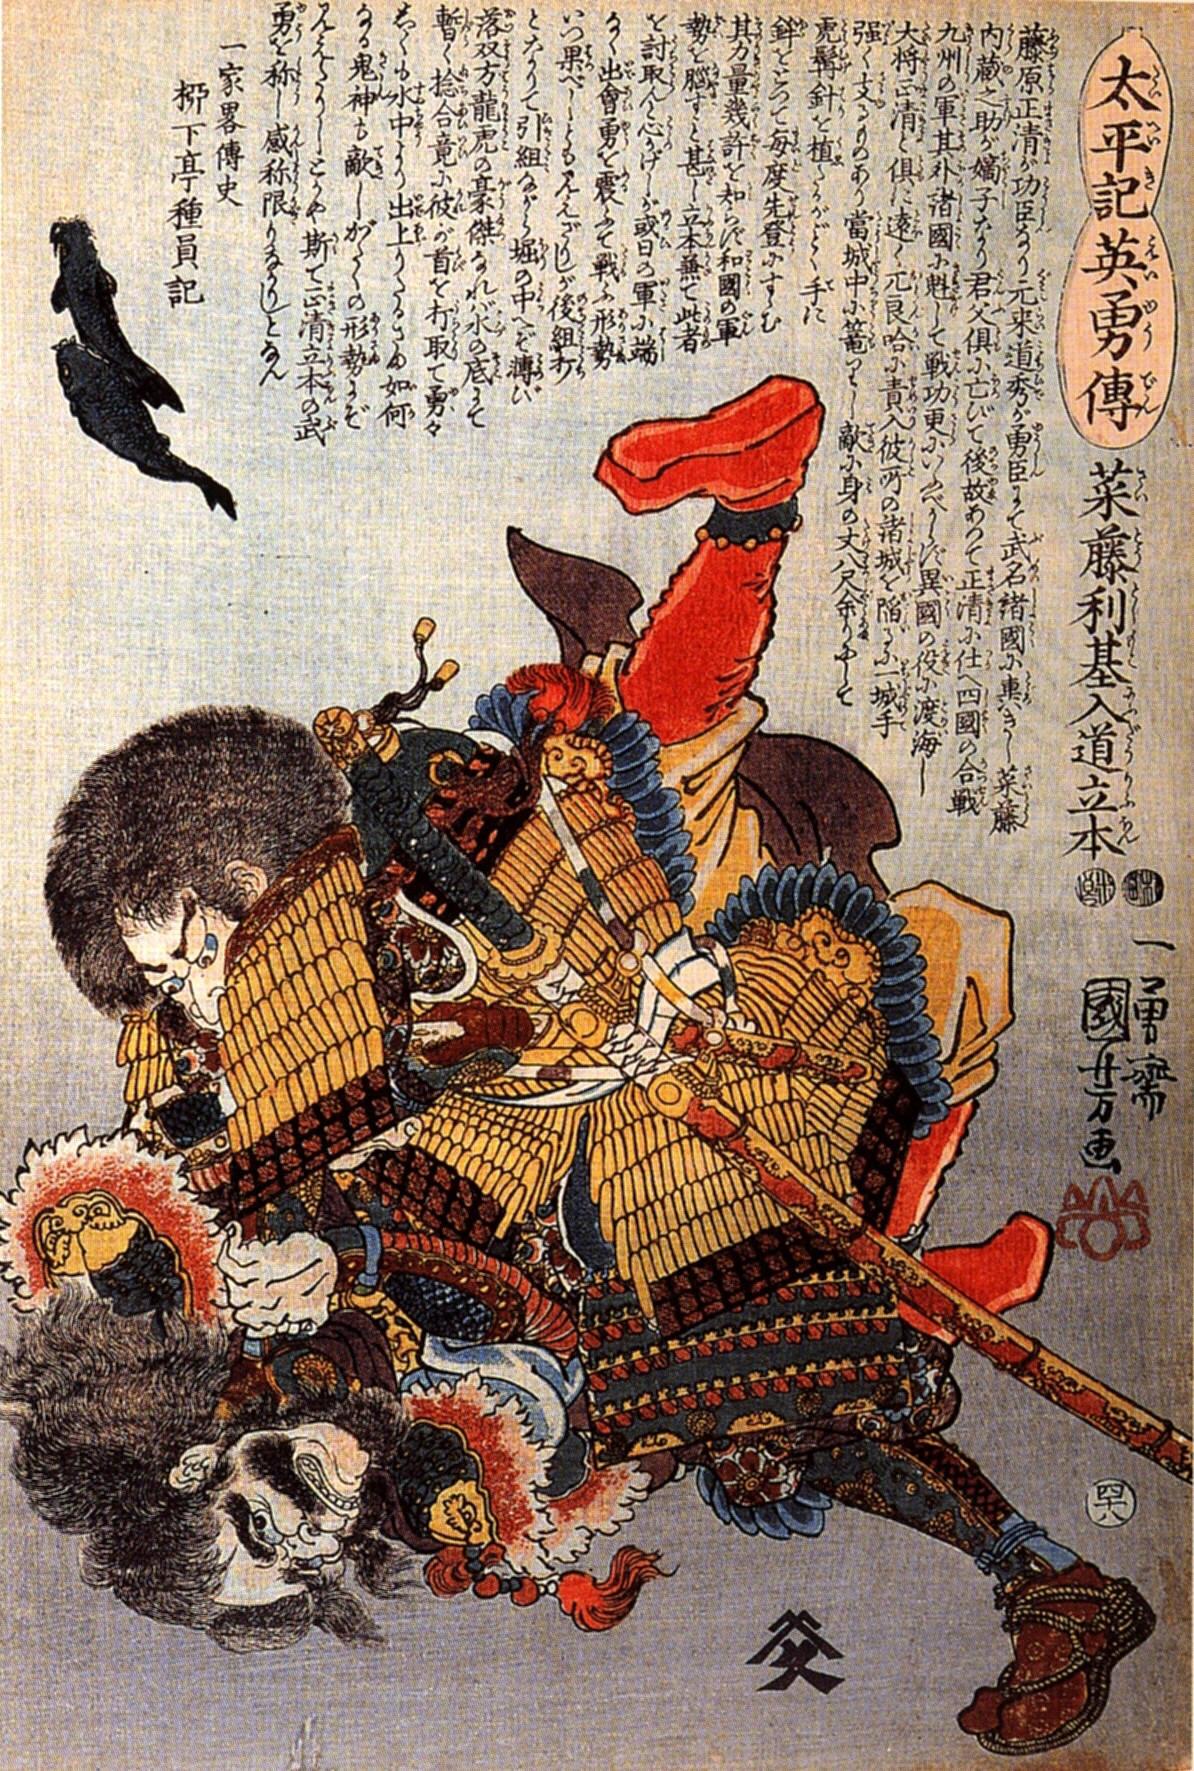 Deux guerriers japonais et coréen en combat sous l'eau.